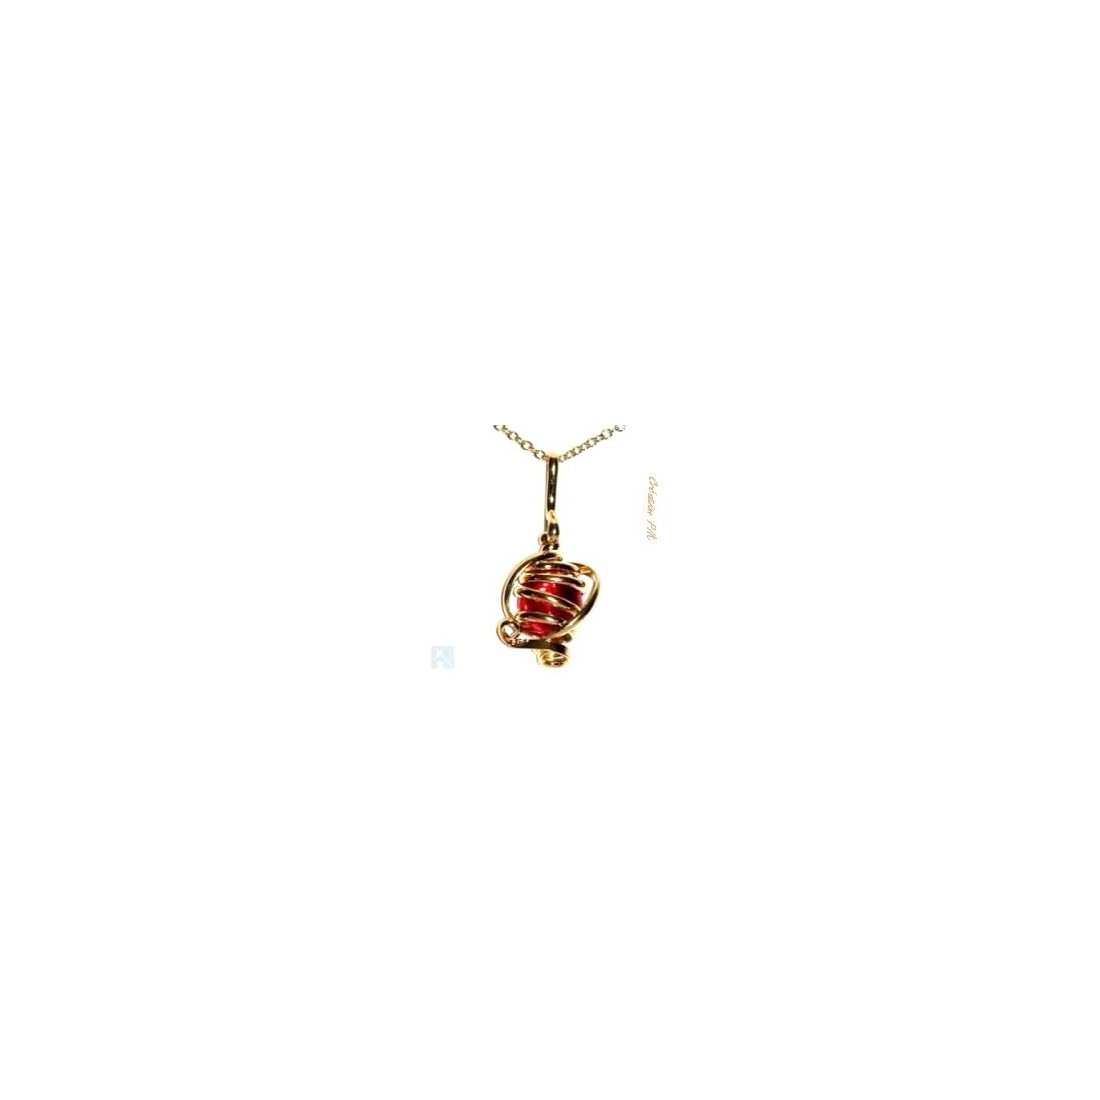 Pendentif doré de petite taille rouge rubis.